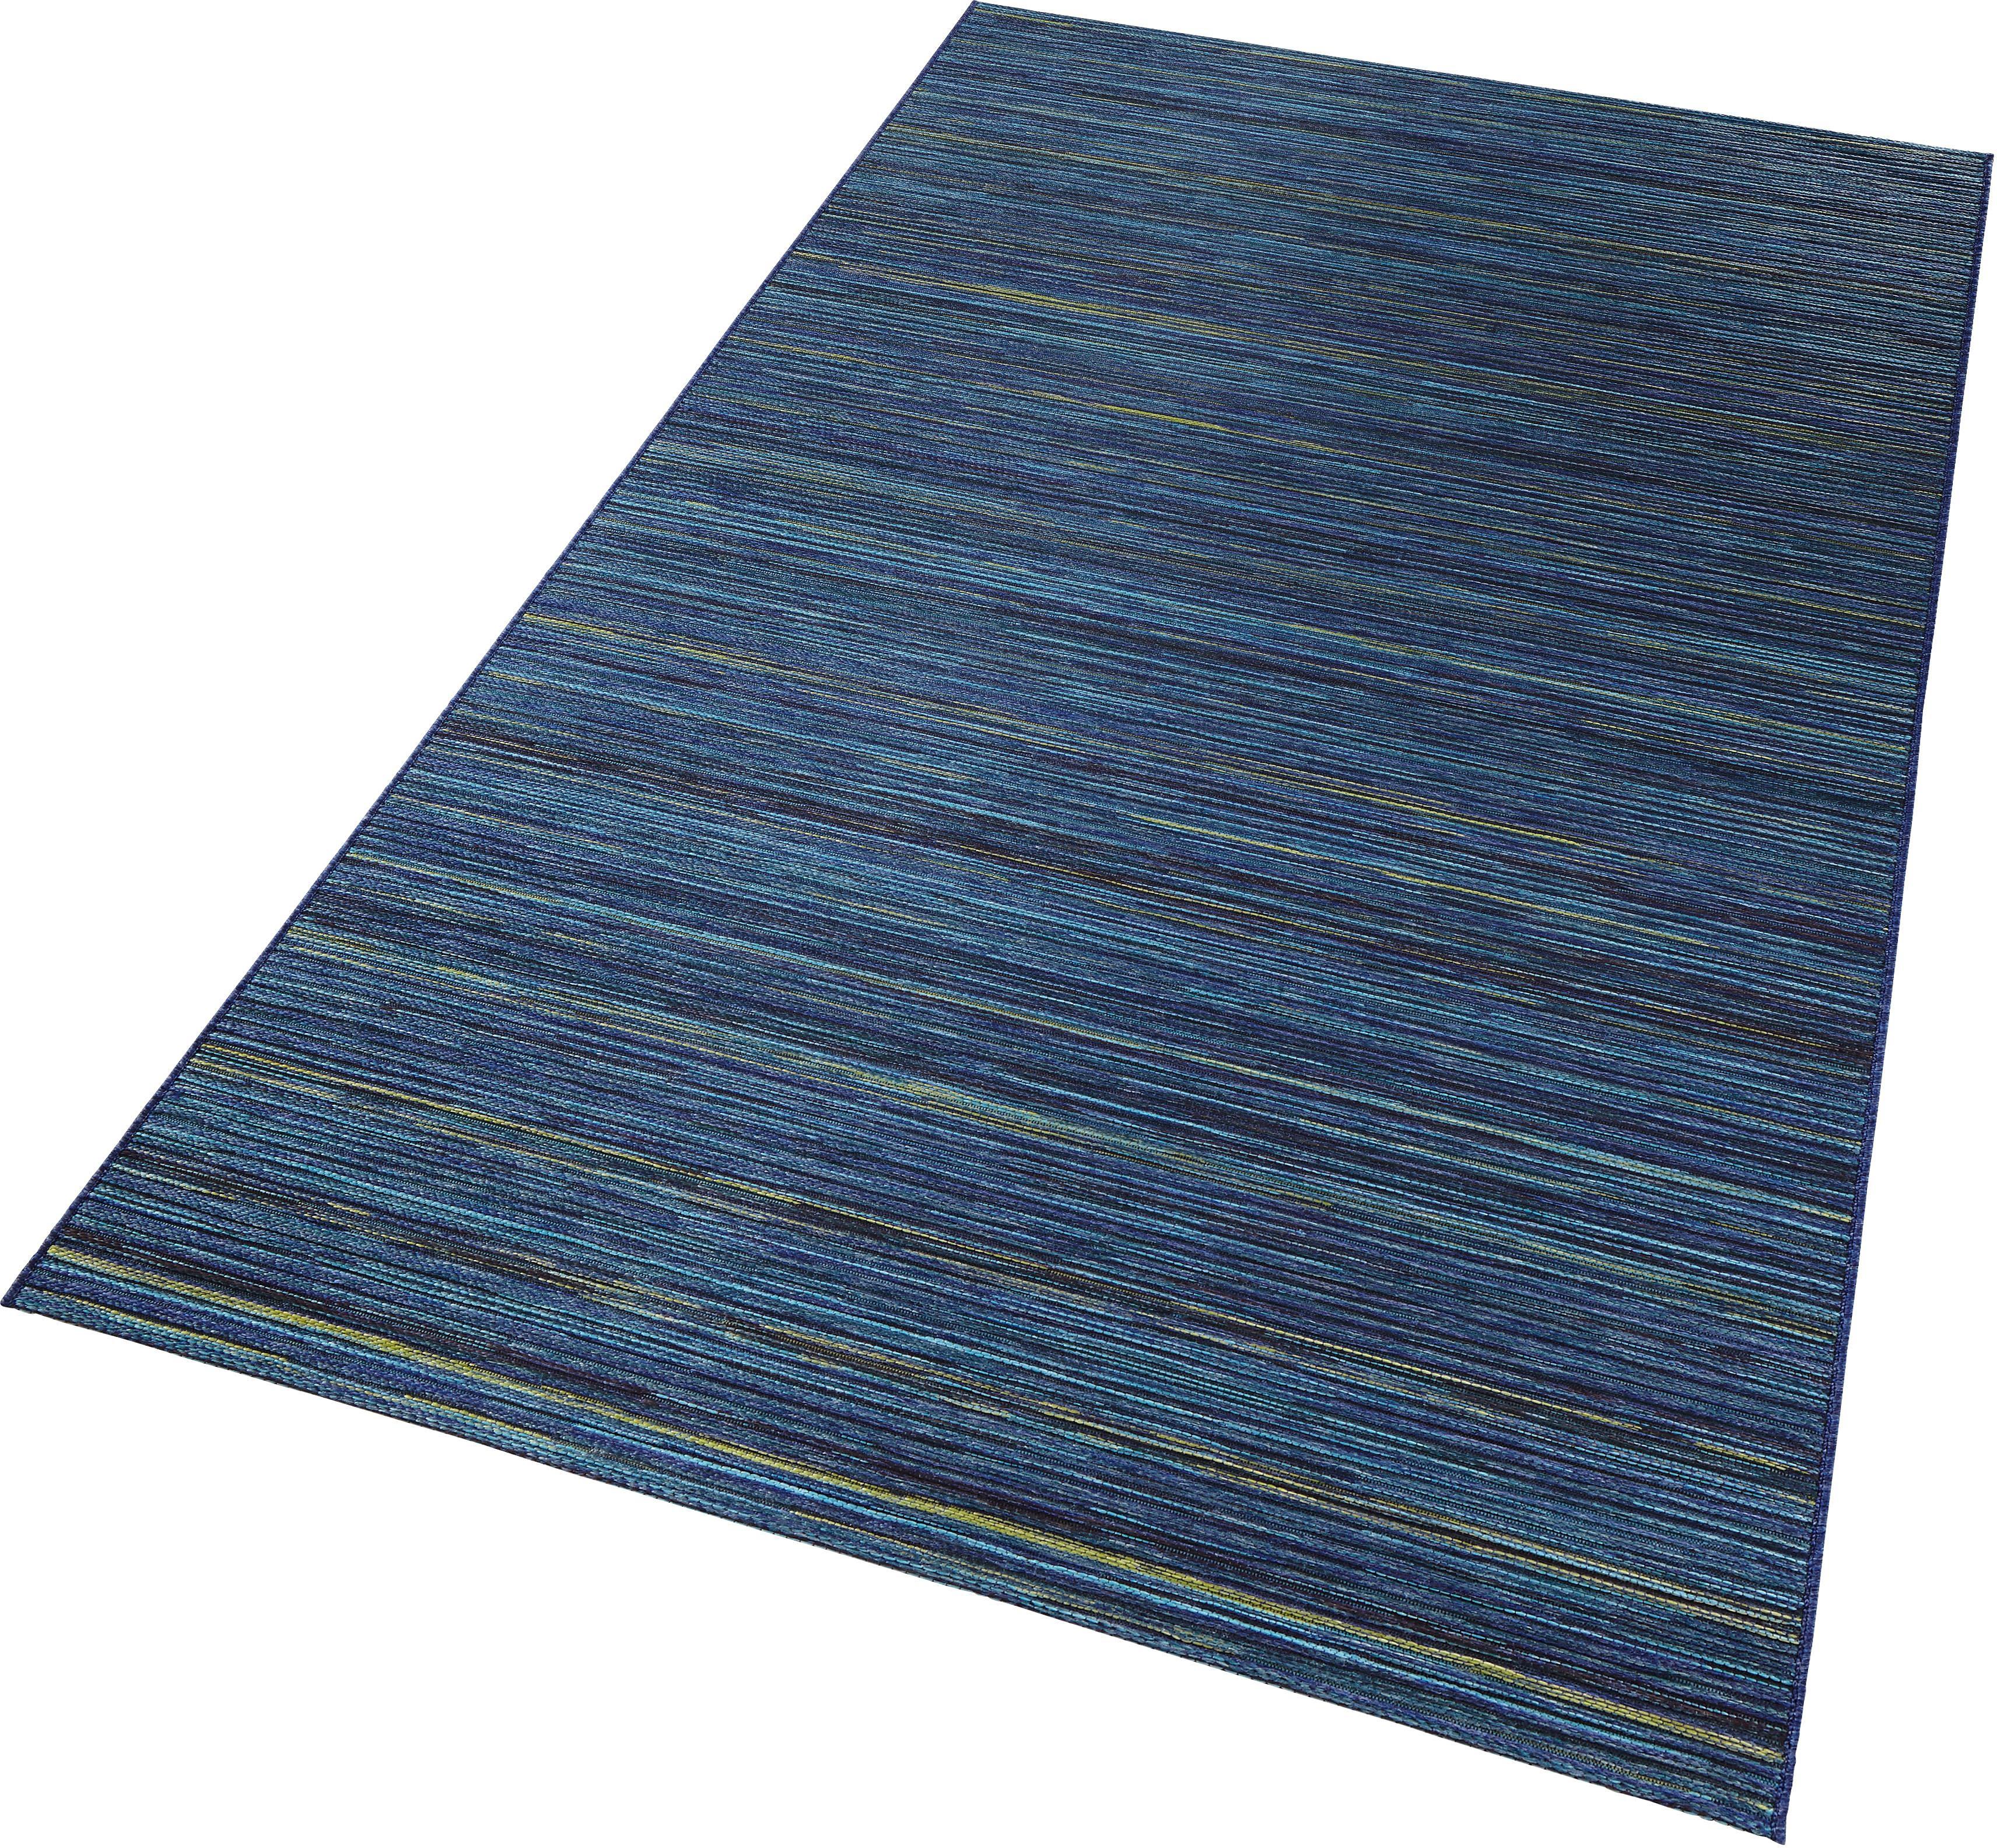 bougari mat Lotus | »Lotus« Sisal-look, geschikt voor binnen en buiten, woonkamer nu online kopen bij OTTO